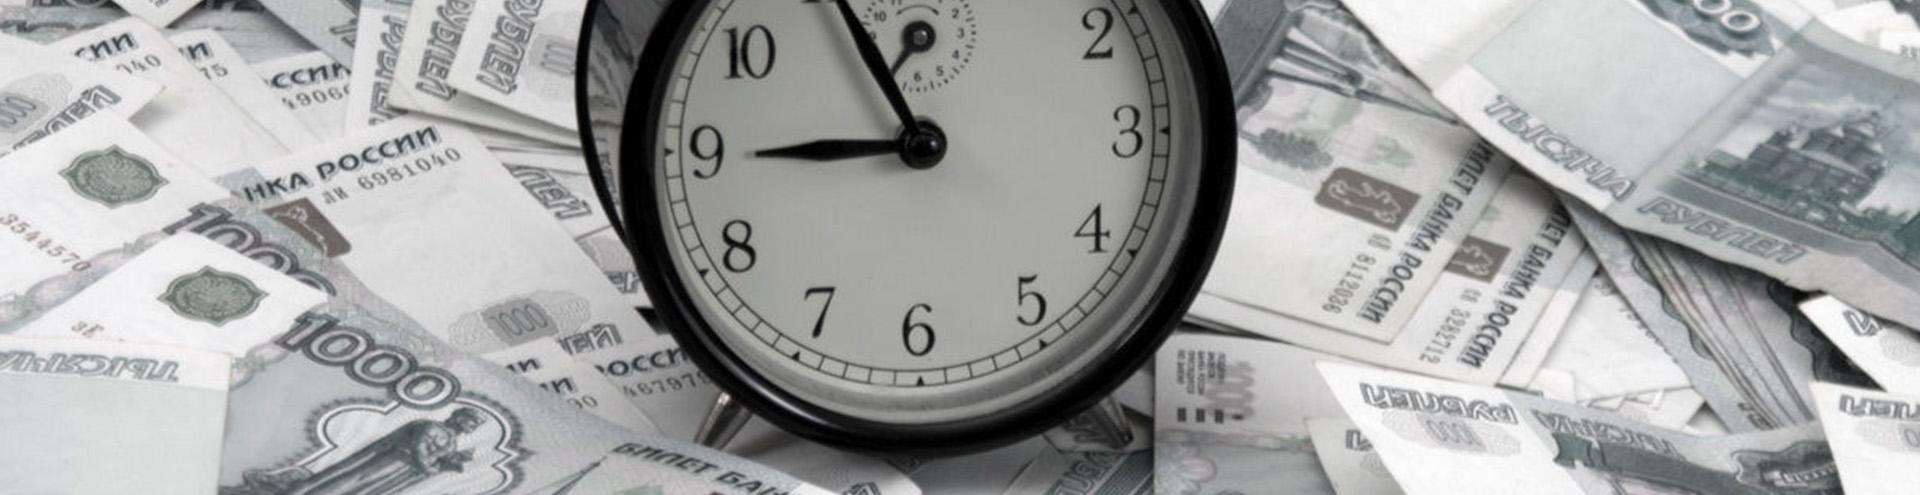 судебное взыскание долгов в Астрахани и Астраханской области